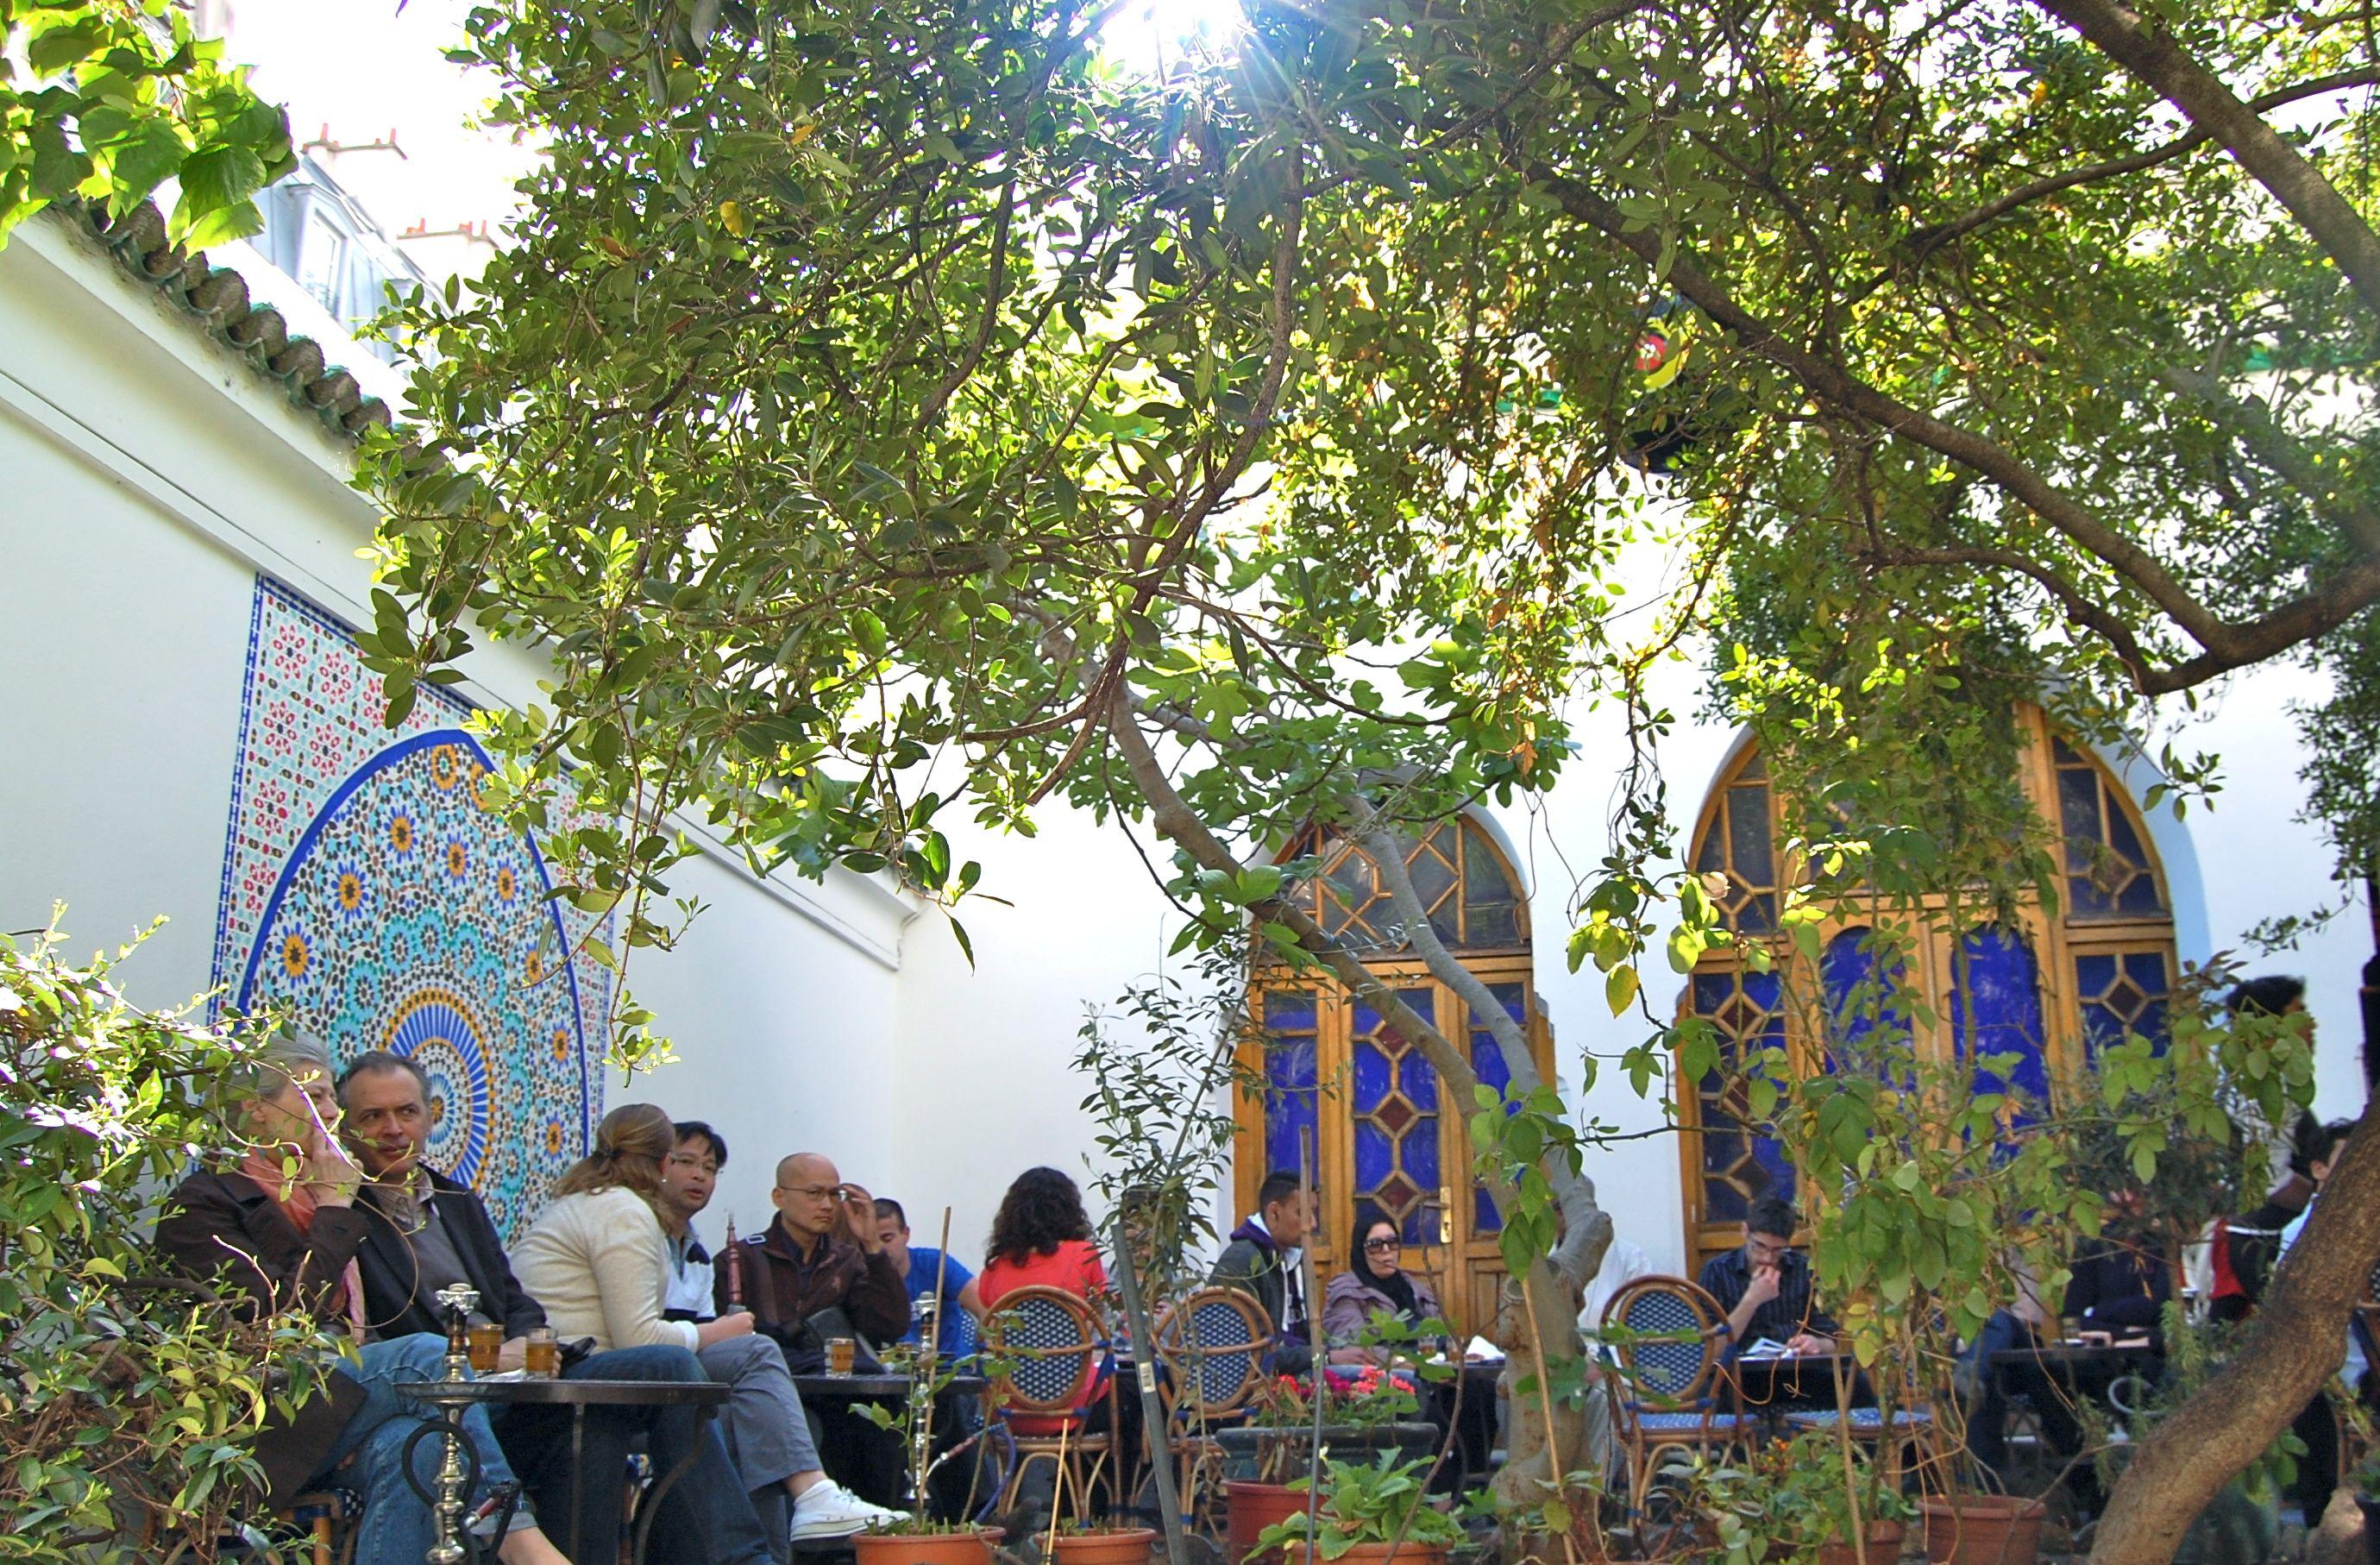 d0e1849eda34 Restaurant - Salon de thé de la Mosquée de Paris - Evous   PARIS ...